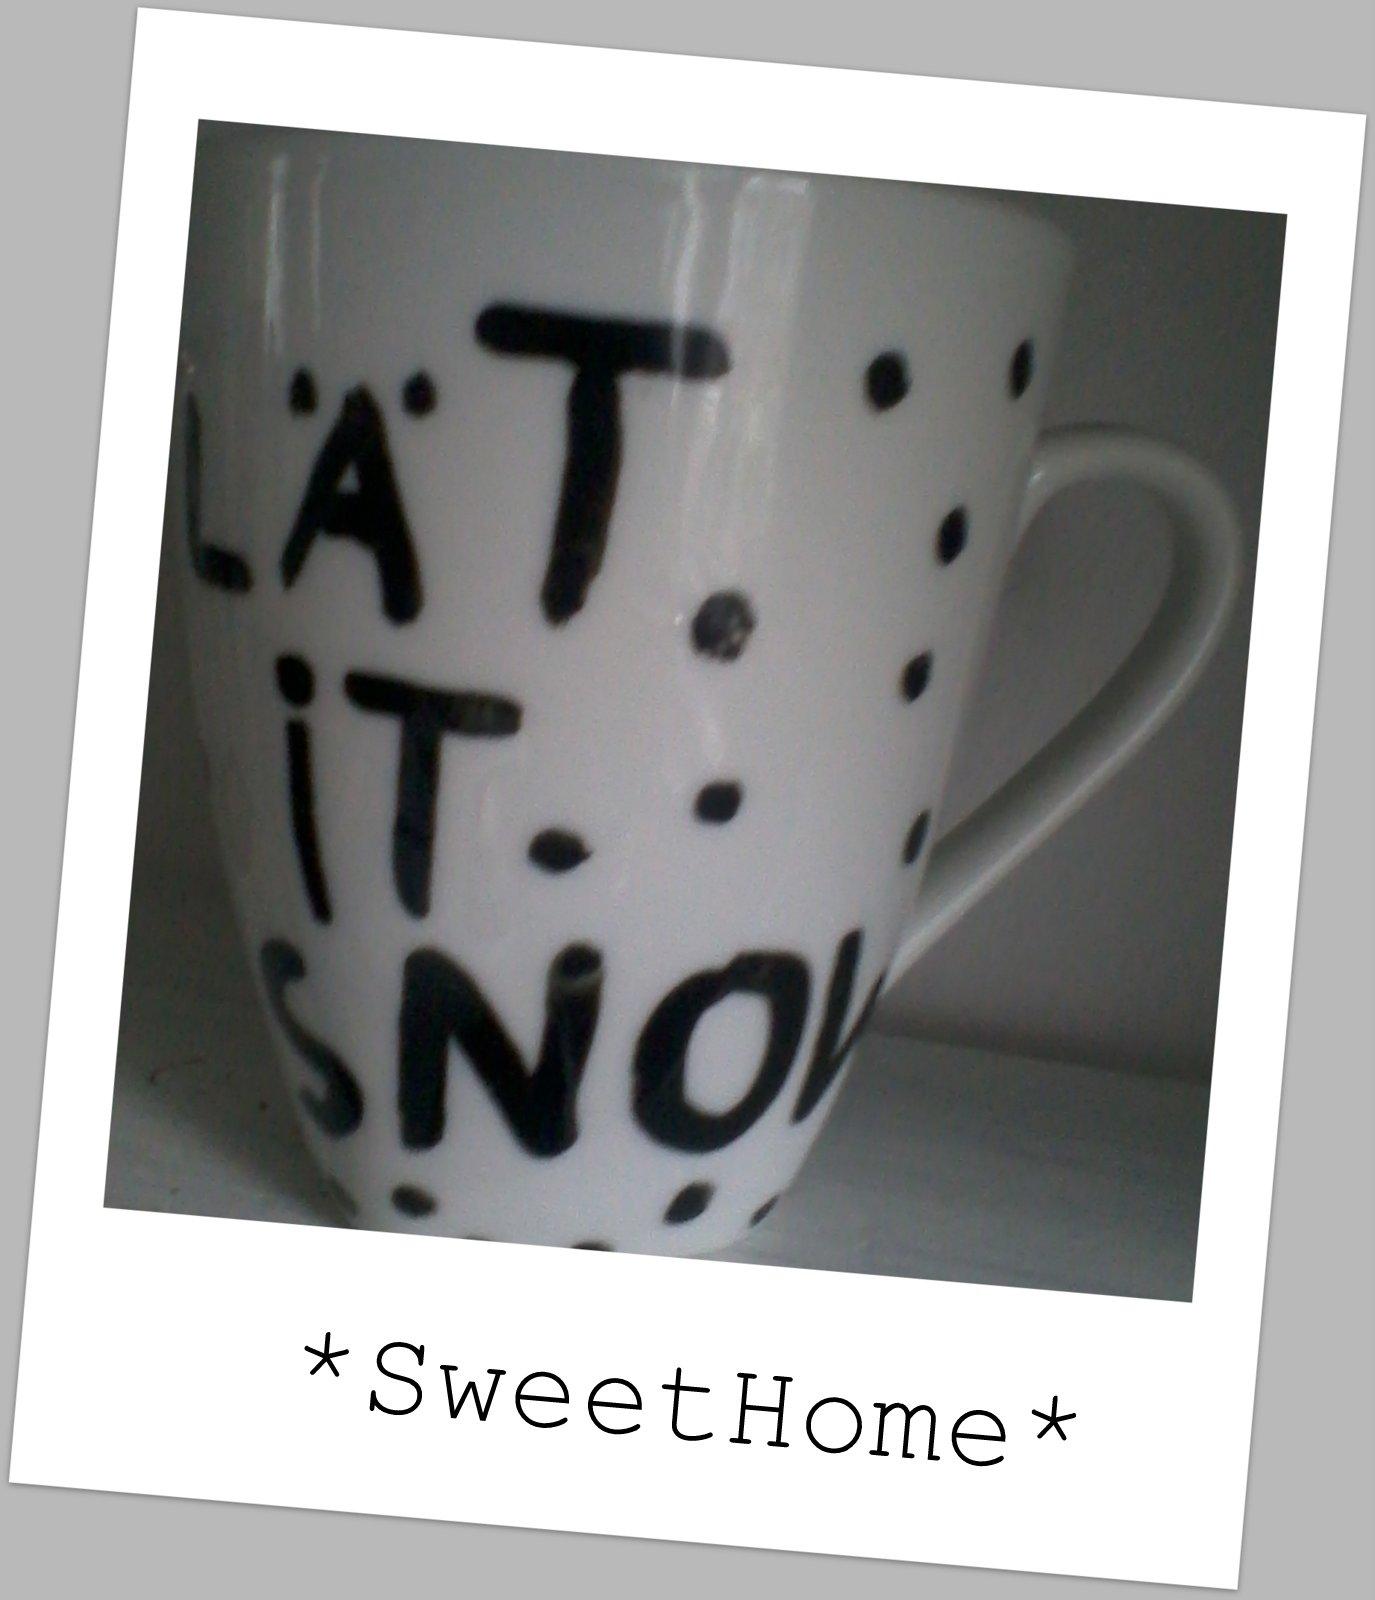 sweet home diy. Black Bedroom Furniture Sets. Home Design Ideas